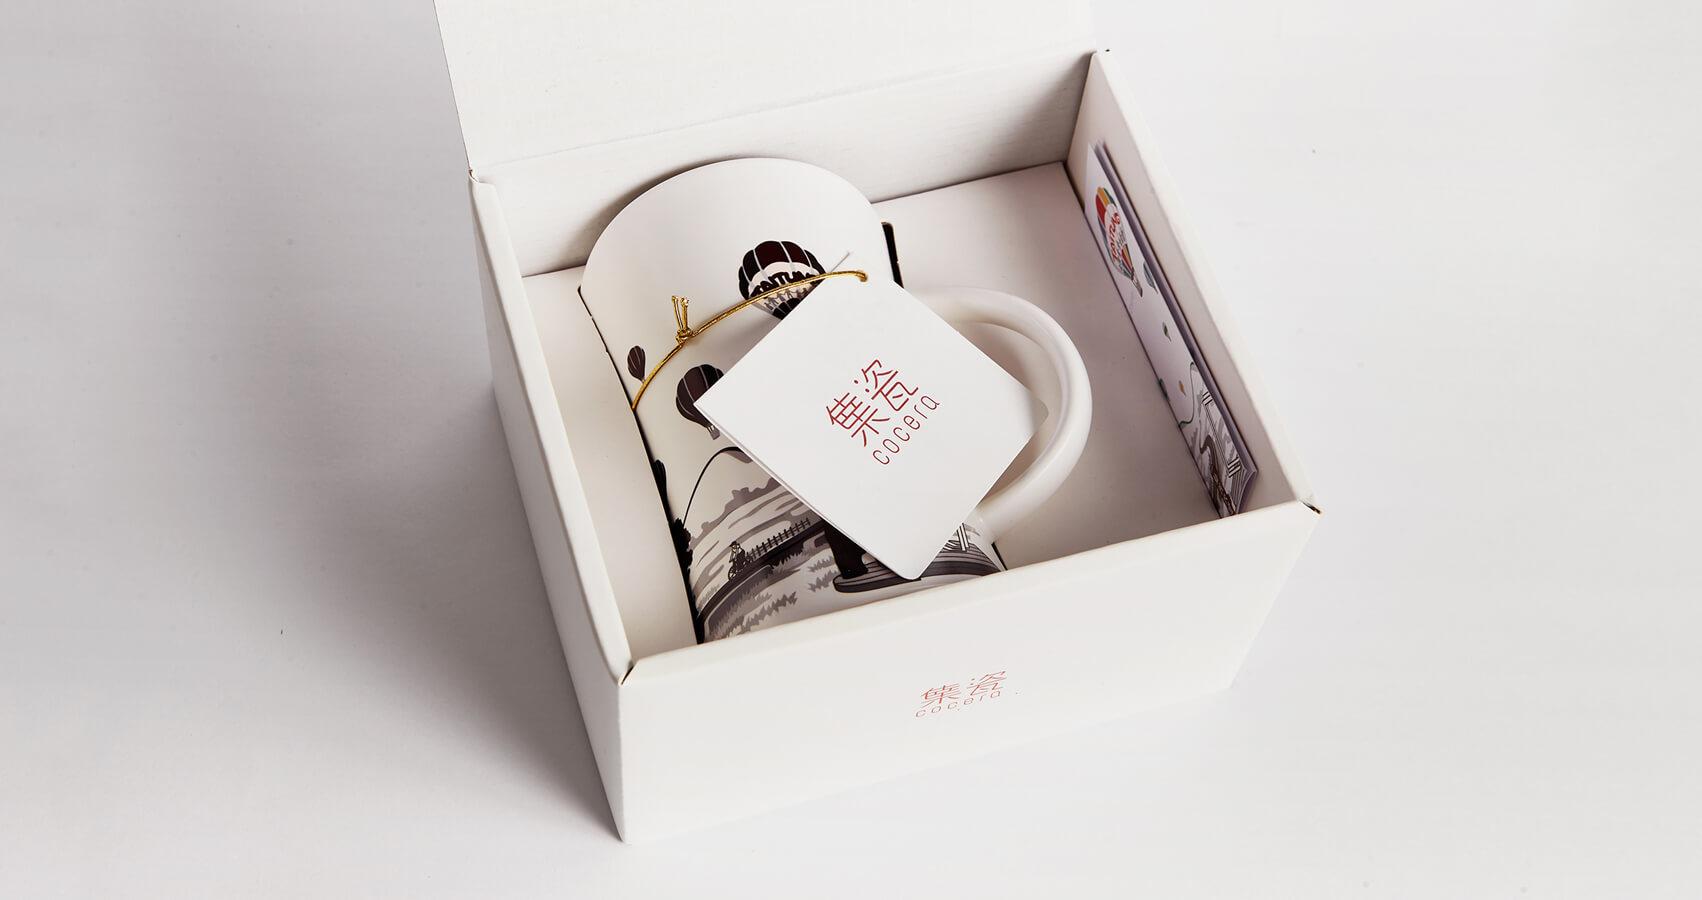 台東變色杯-包裝_1700x900px